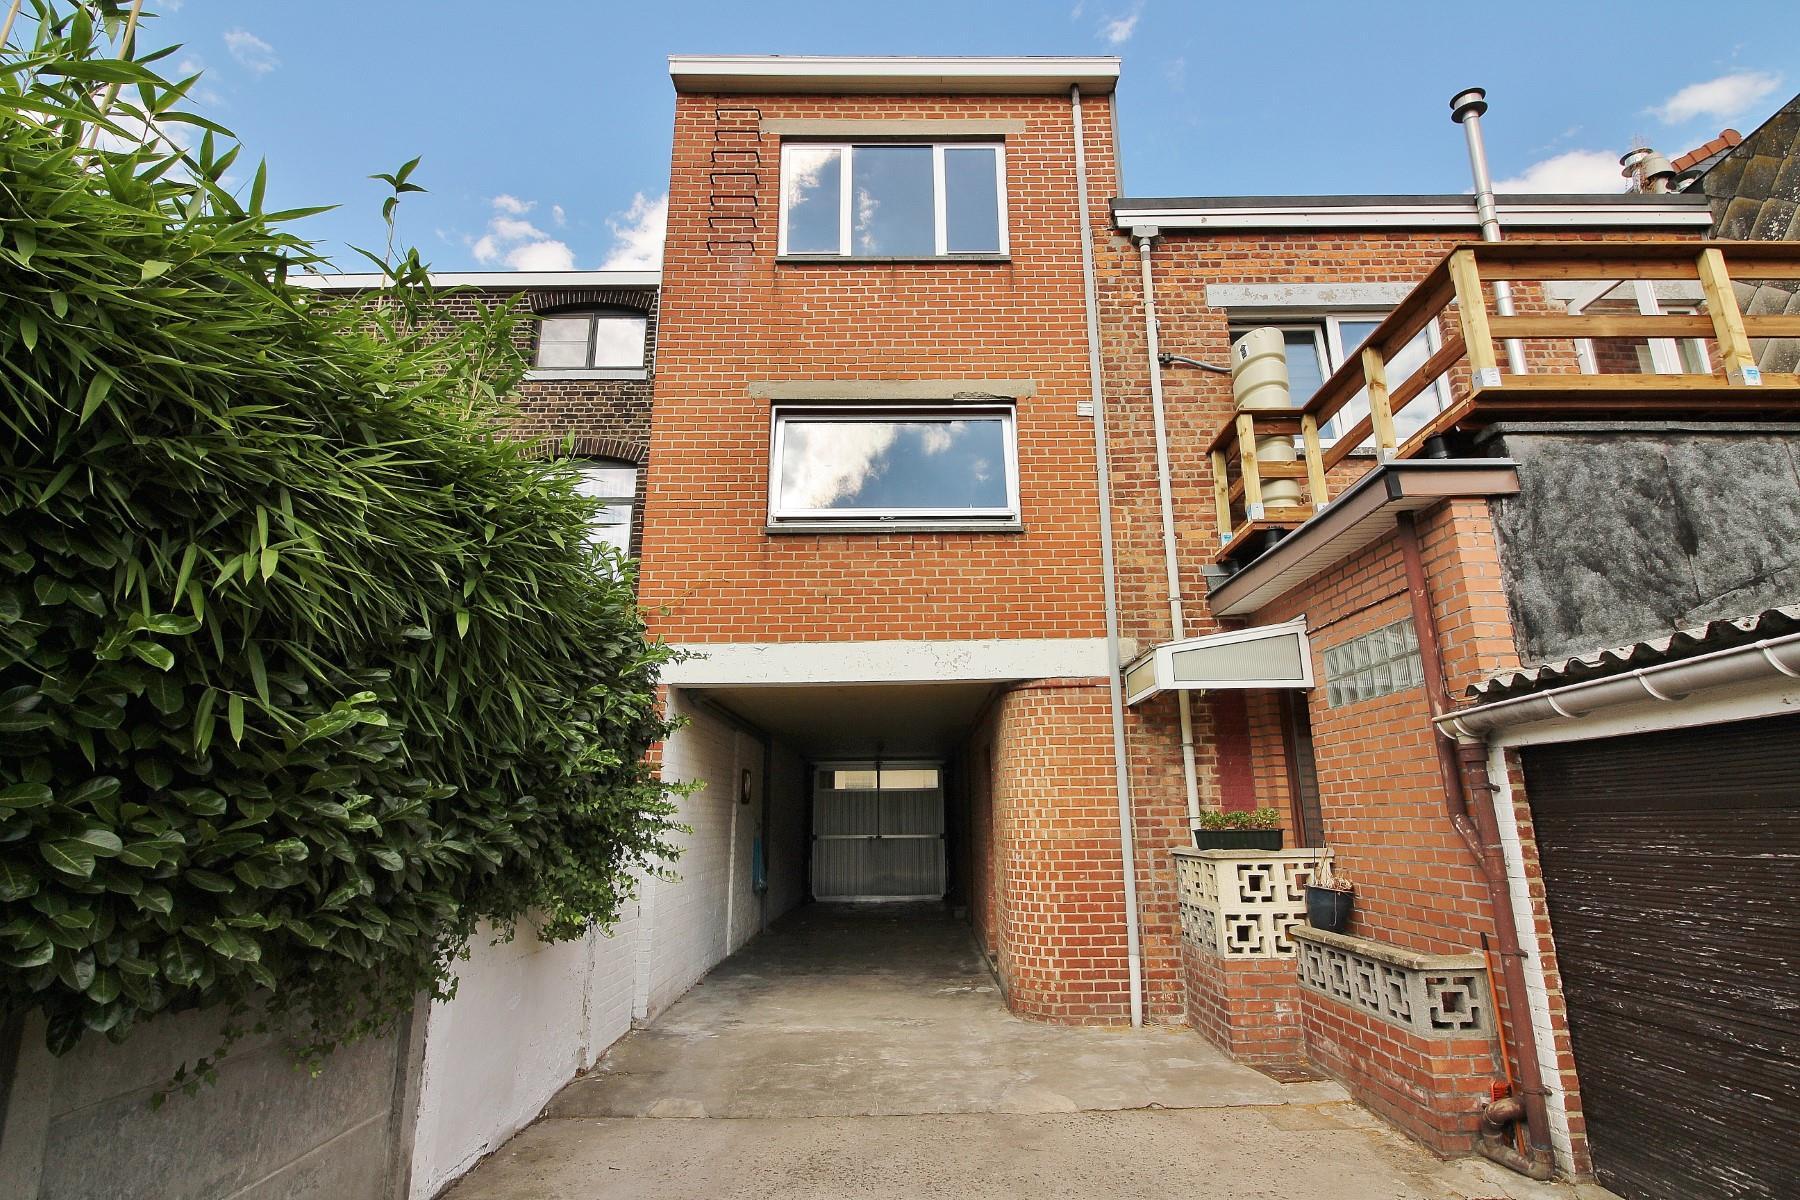 Maison - Liège - #3519341-11